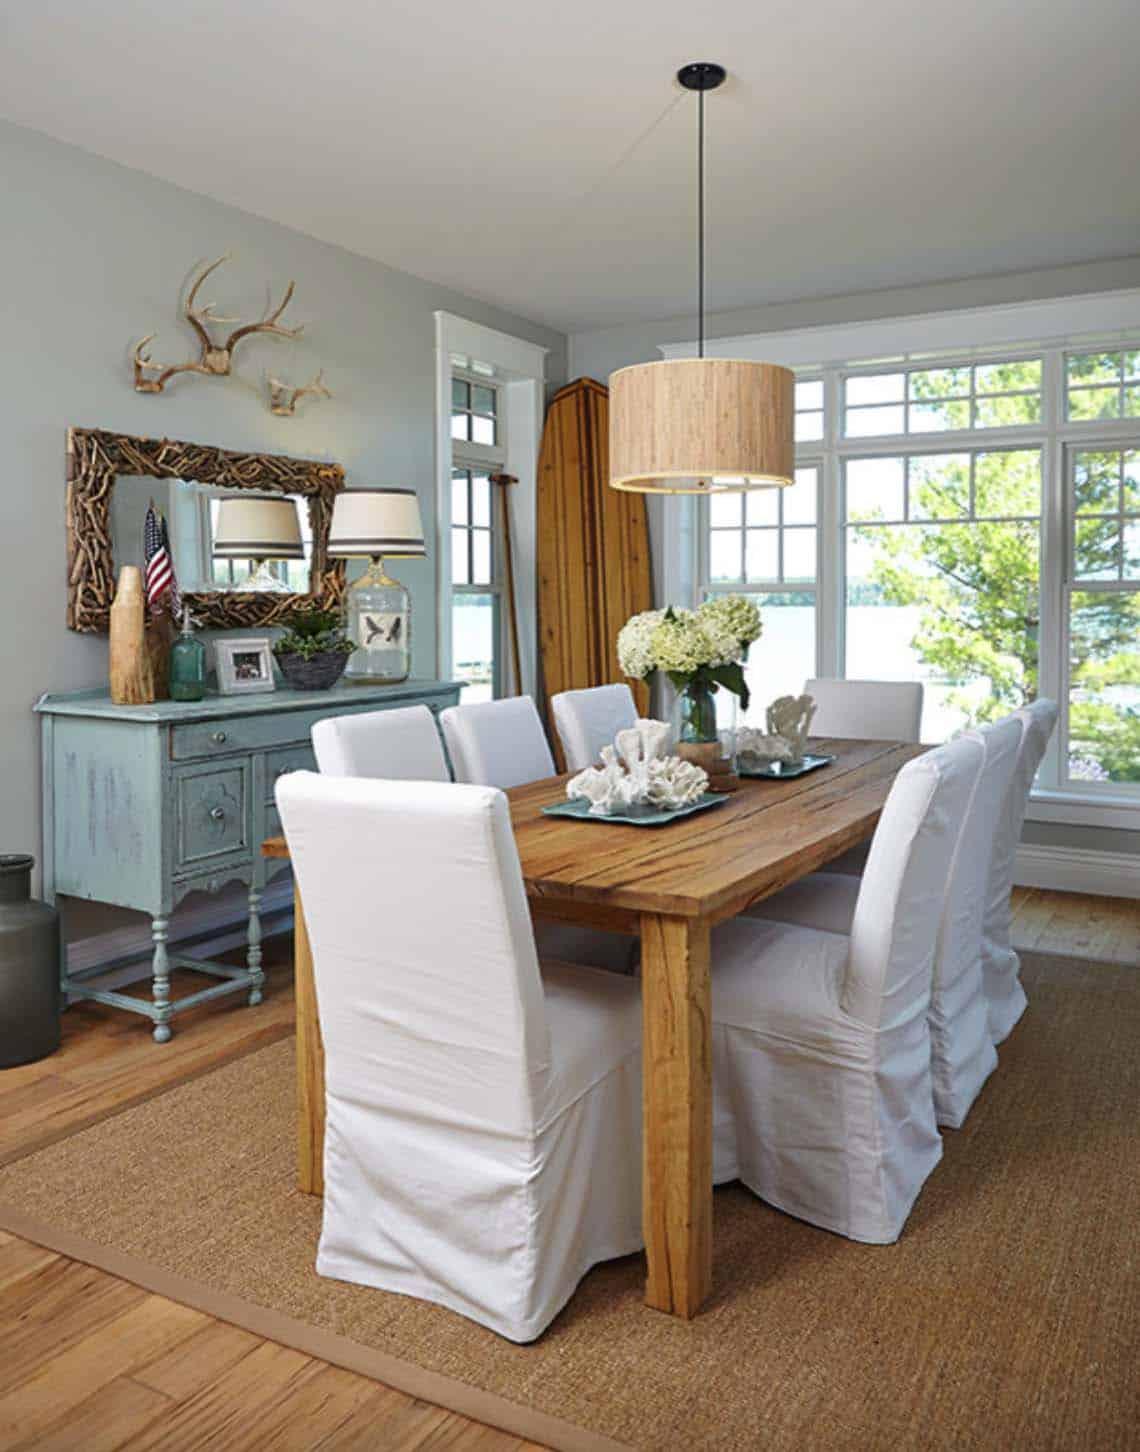 Cottage familial de style plage-Villa Decor-17-1 Kindesign